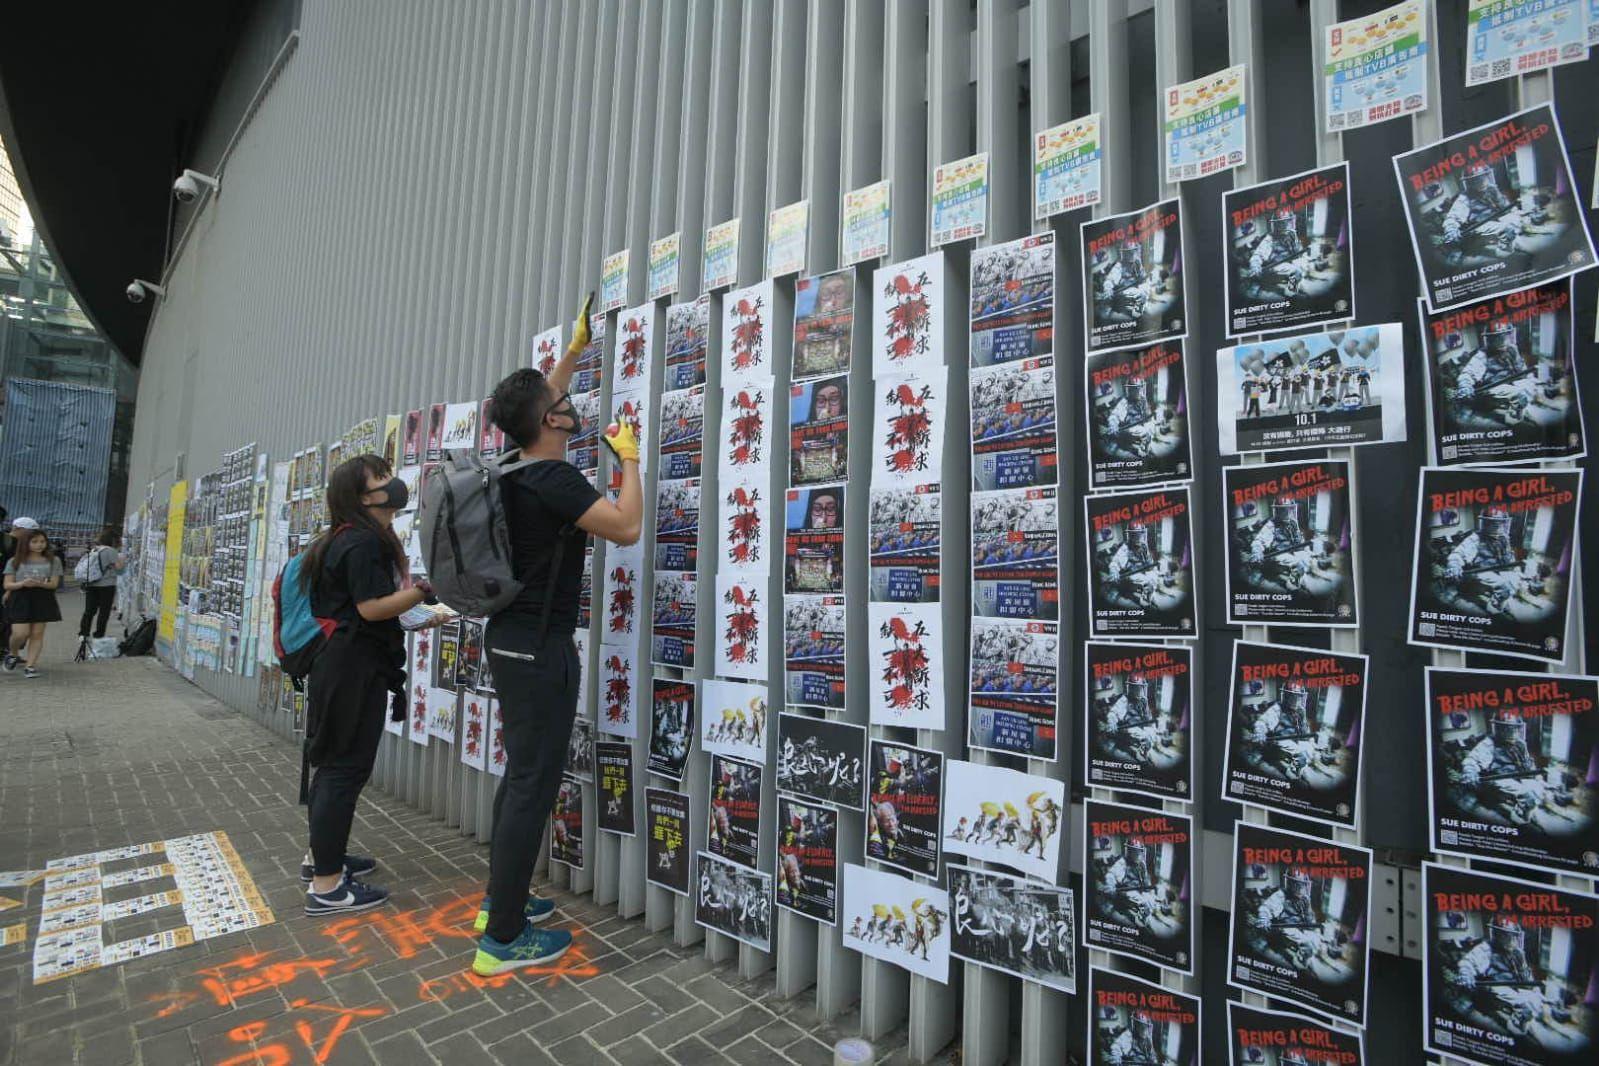 【修例风波】市民发起「连侬之路」活动 港岛9地点贴文宣